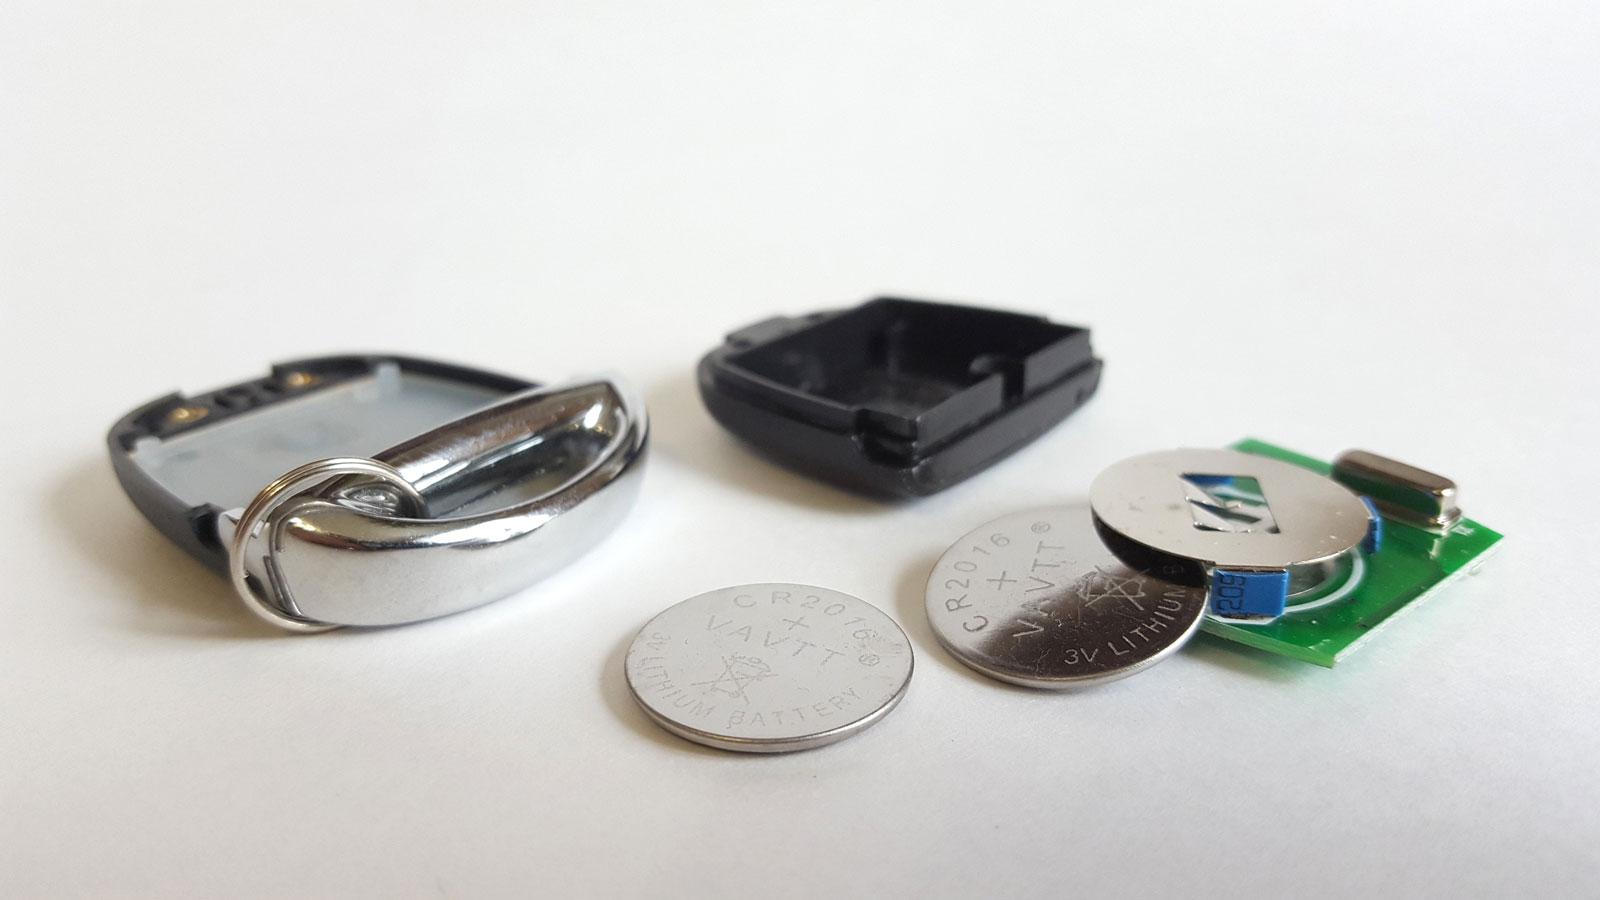 Батарейки-таблетки от брелока сигнализации